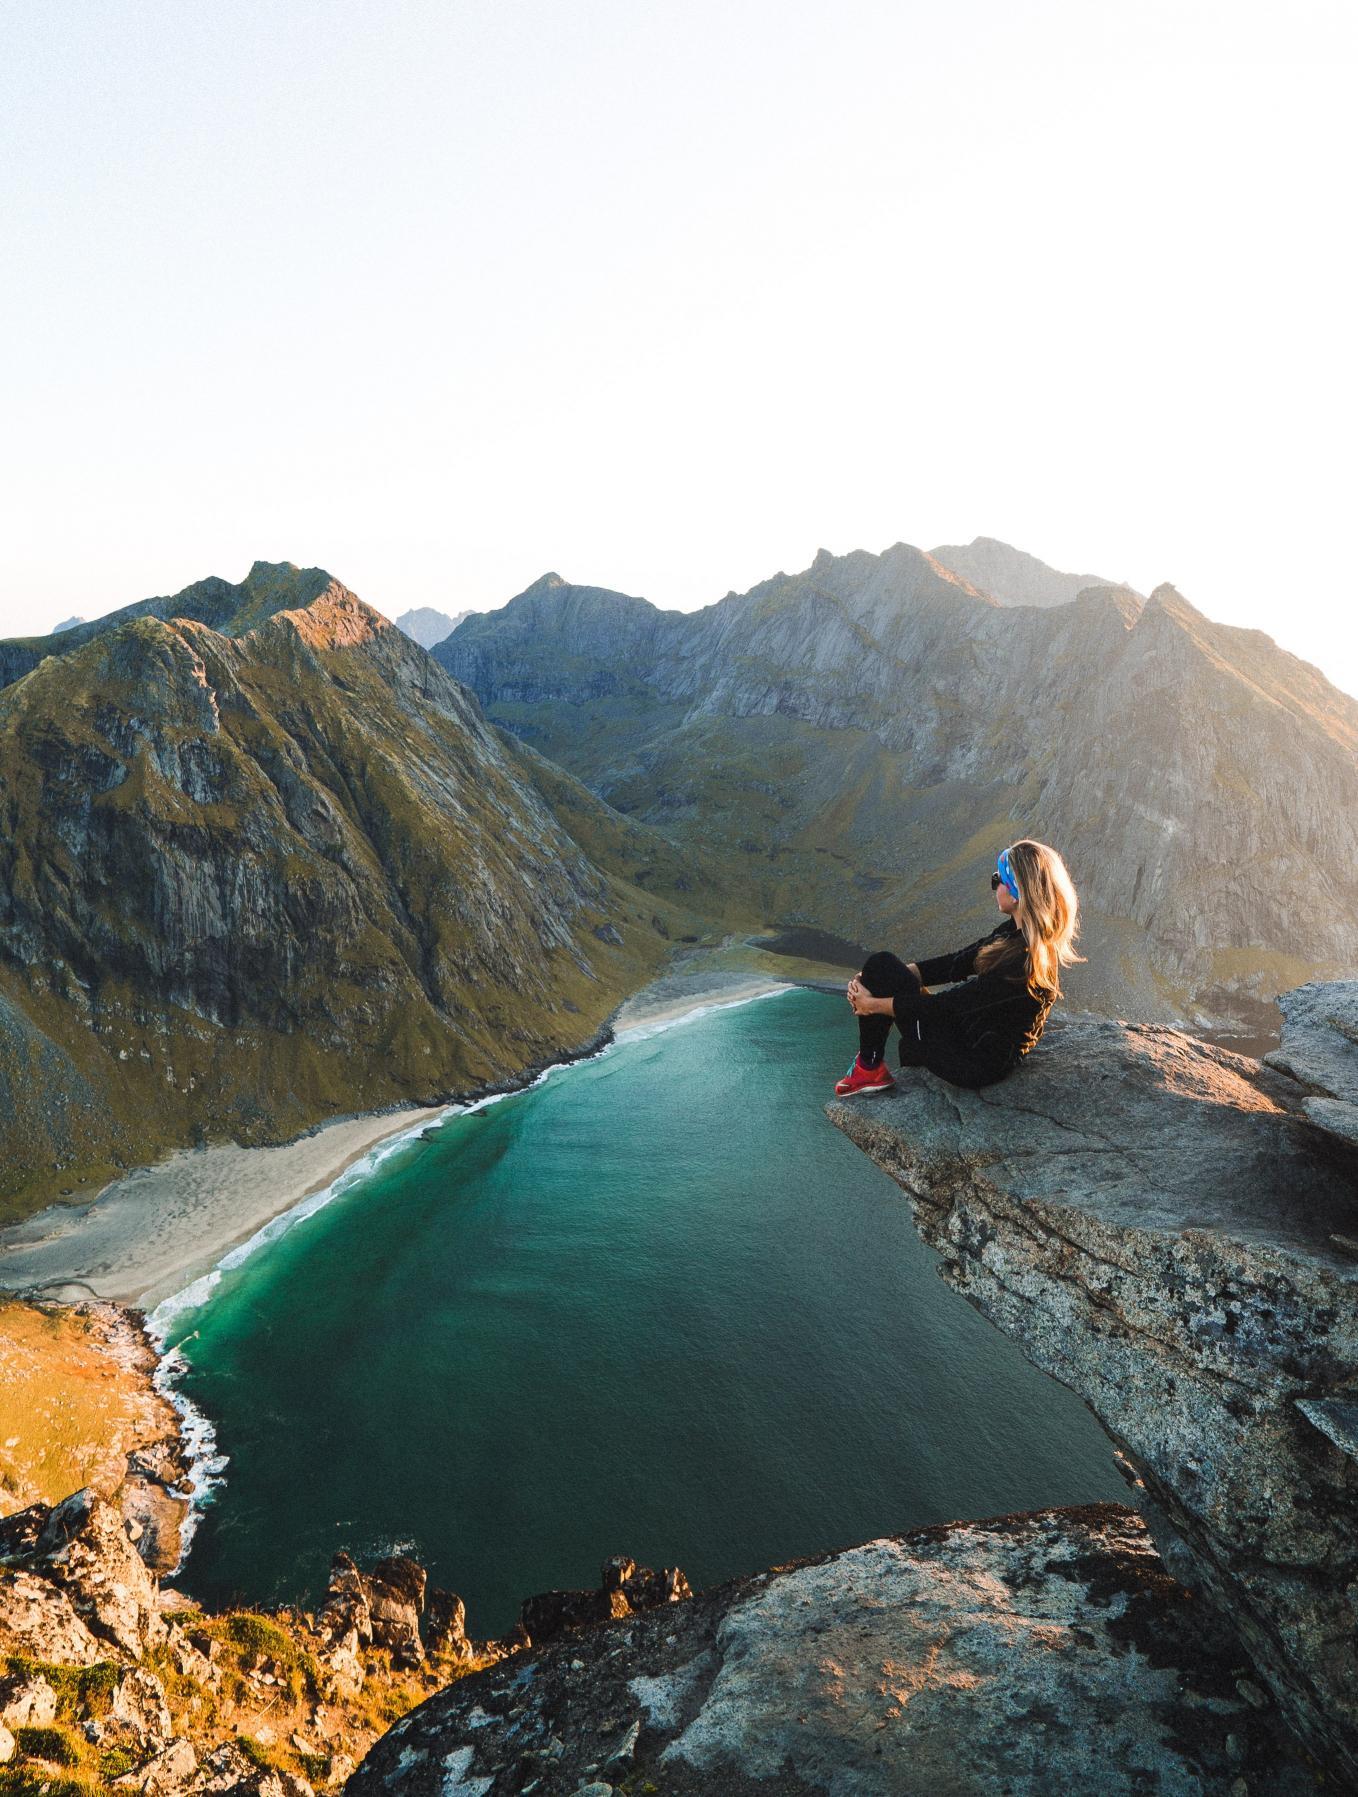 cung hoàng đạo cô gái ngồi trên vách đá